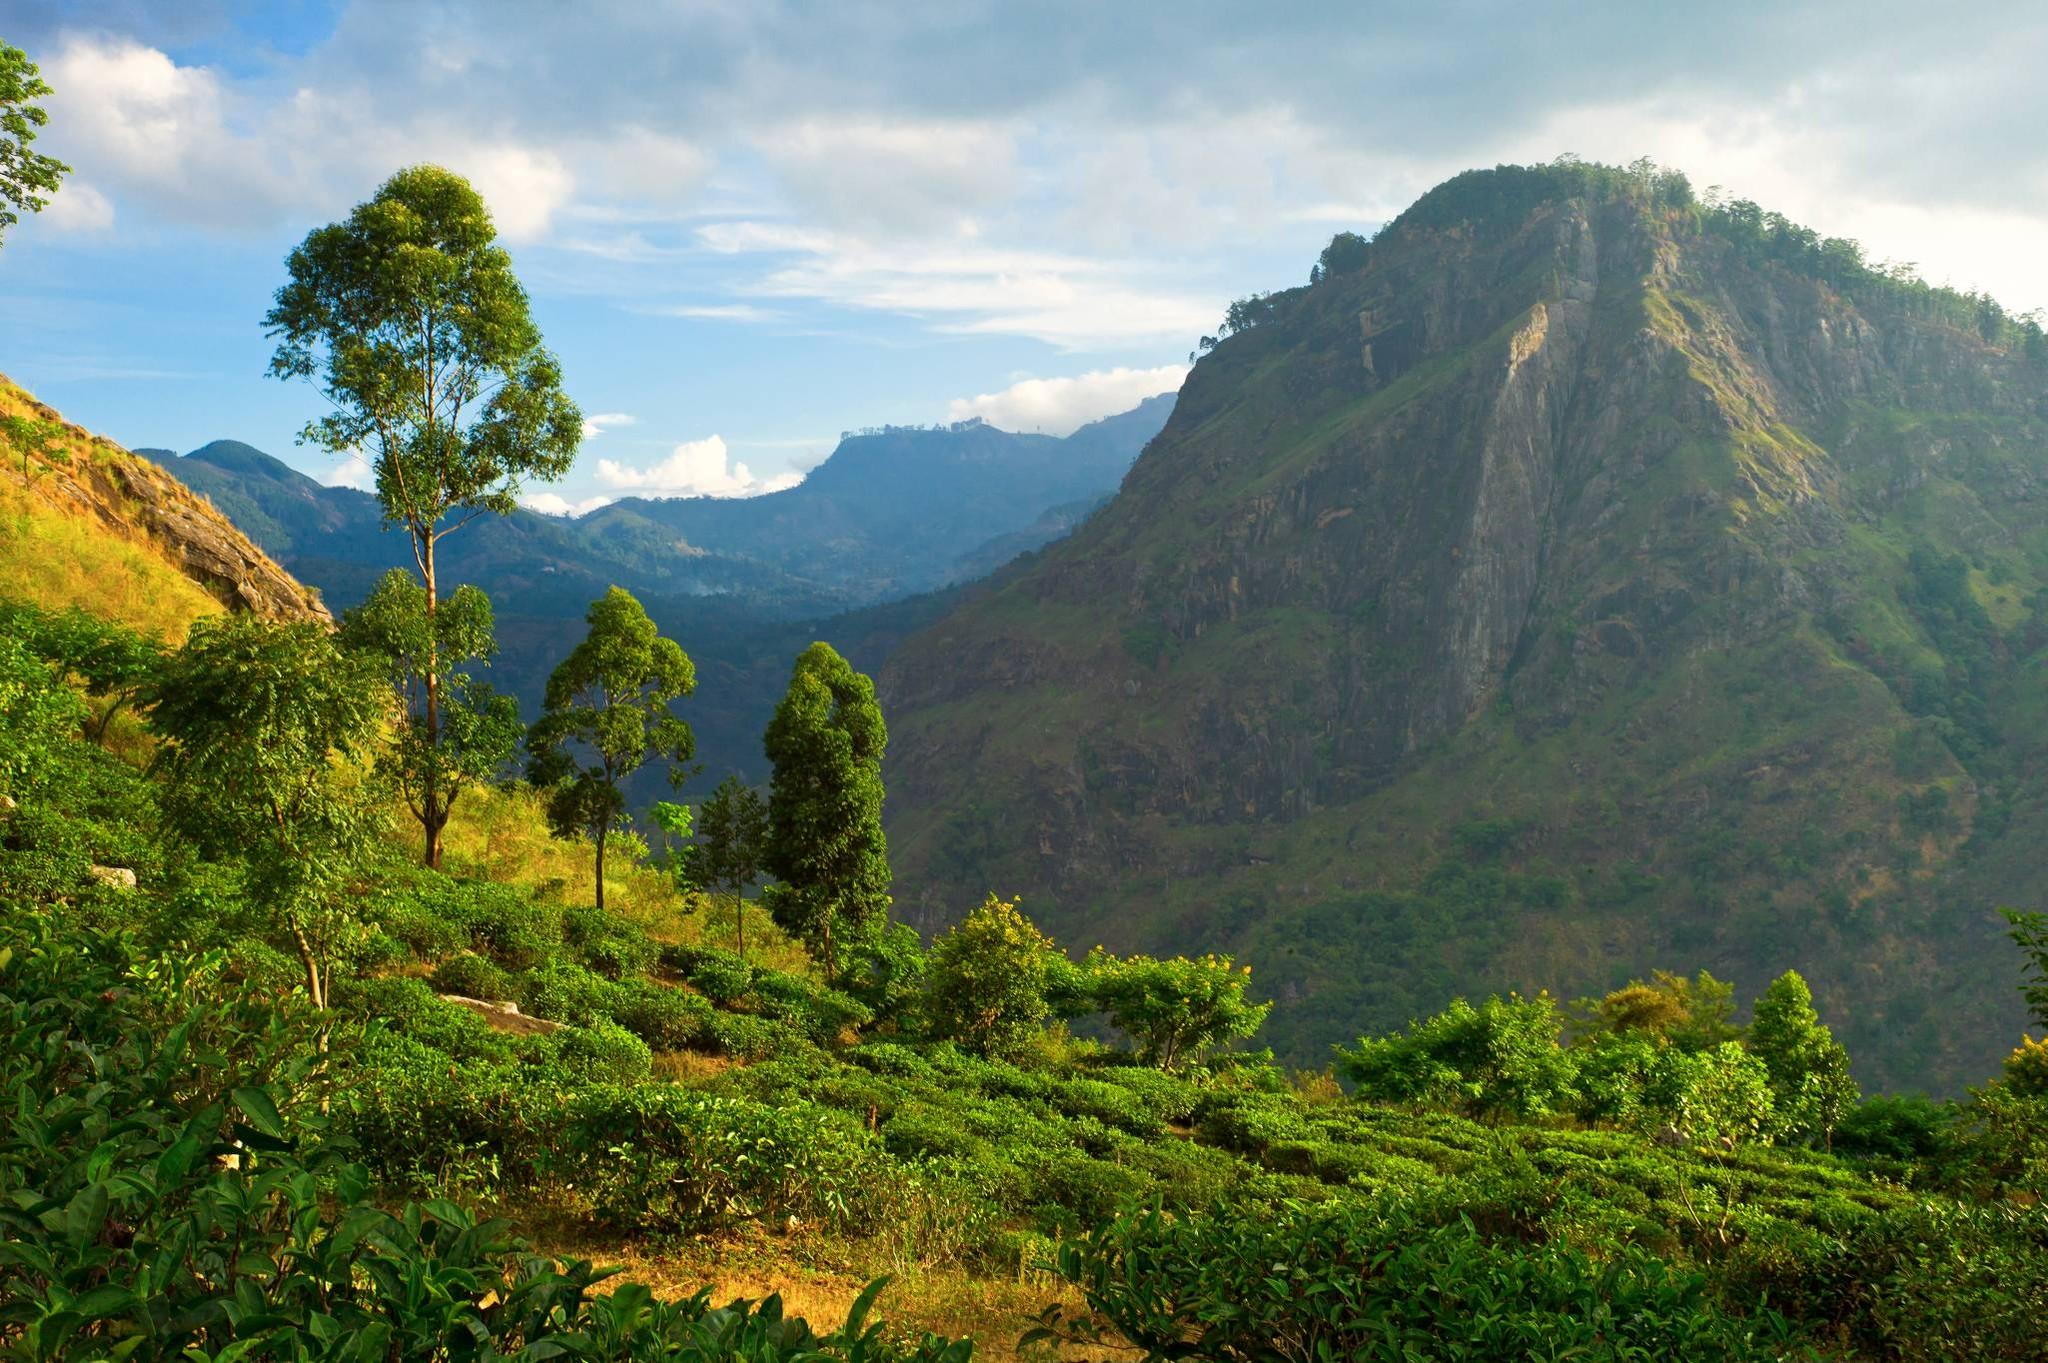 スリランカでアーユルヴェーダ・ハーブティーをオリジナルで作っています。